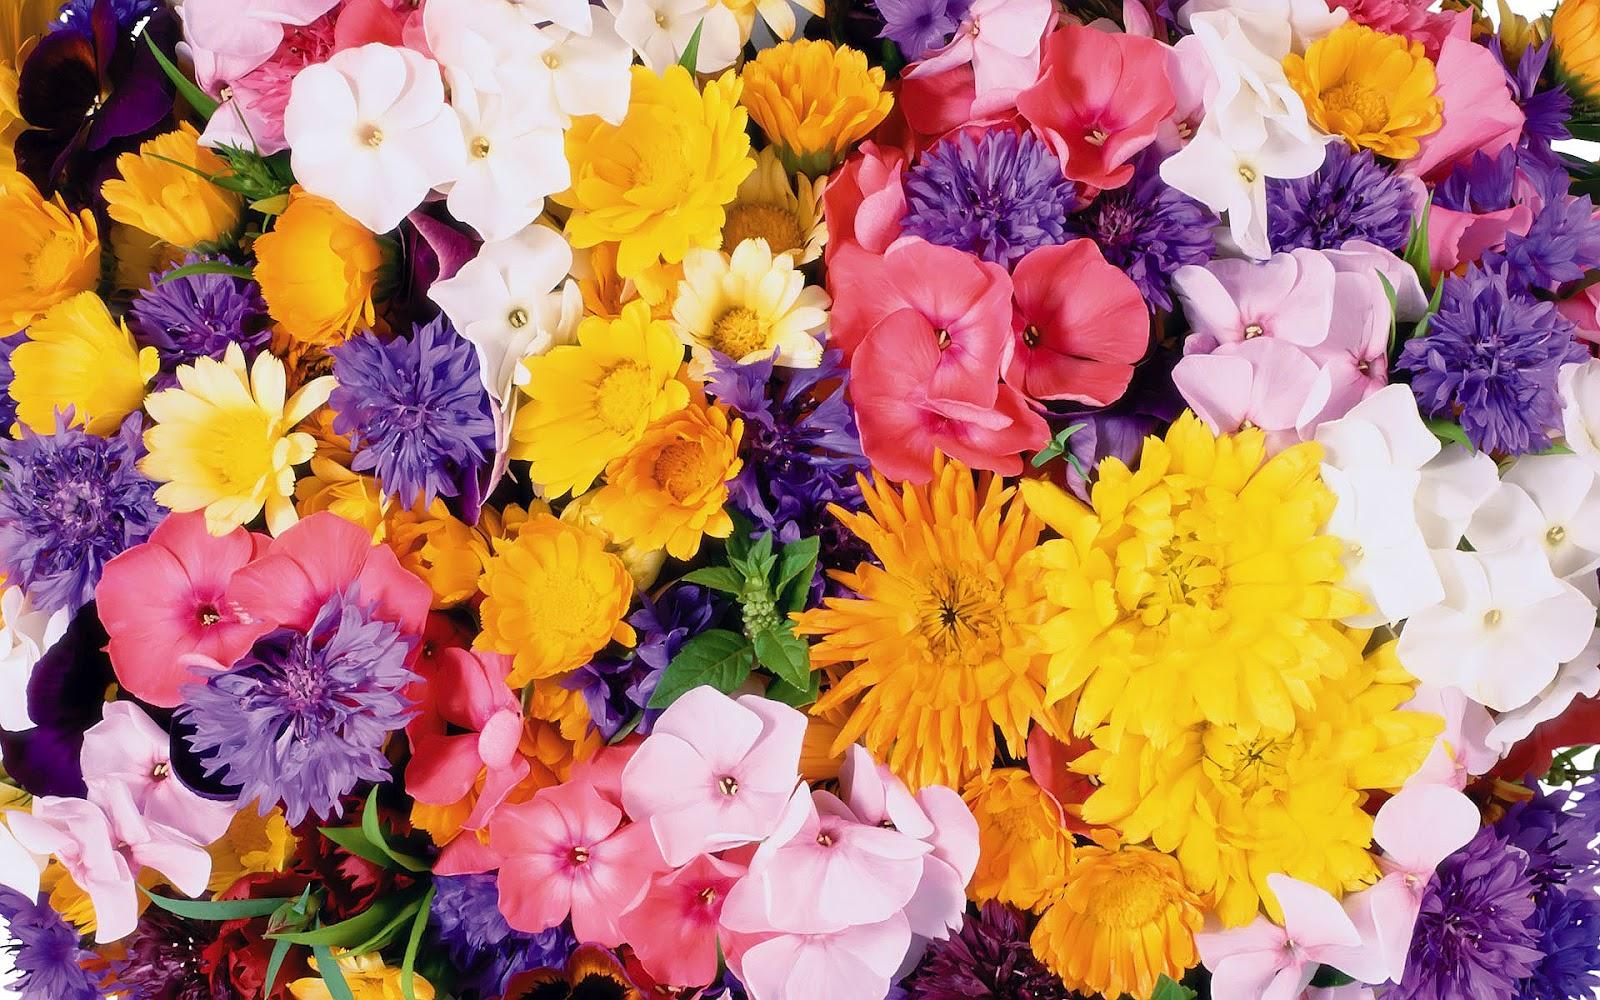 Raindrops 3d Live Wallpaper Flowers Wallpapers Flower Wallpaper Top Best Hd